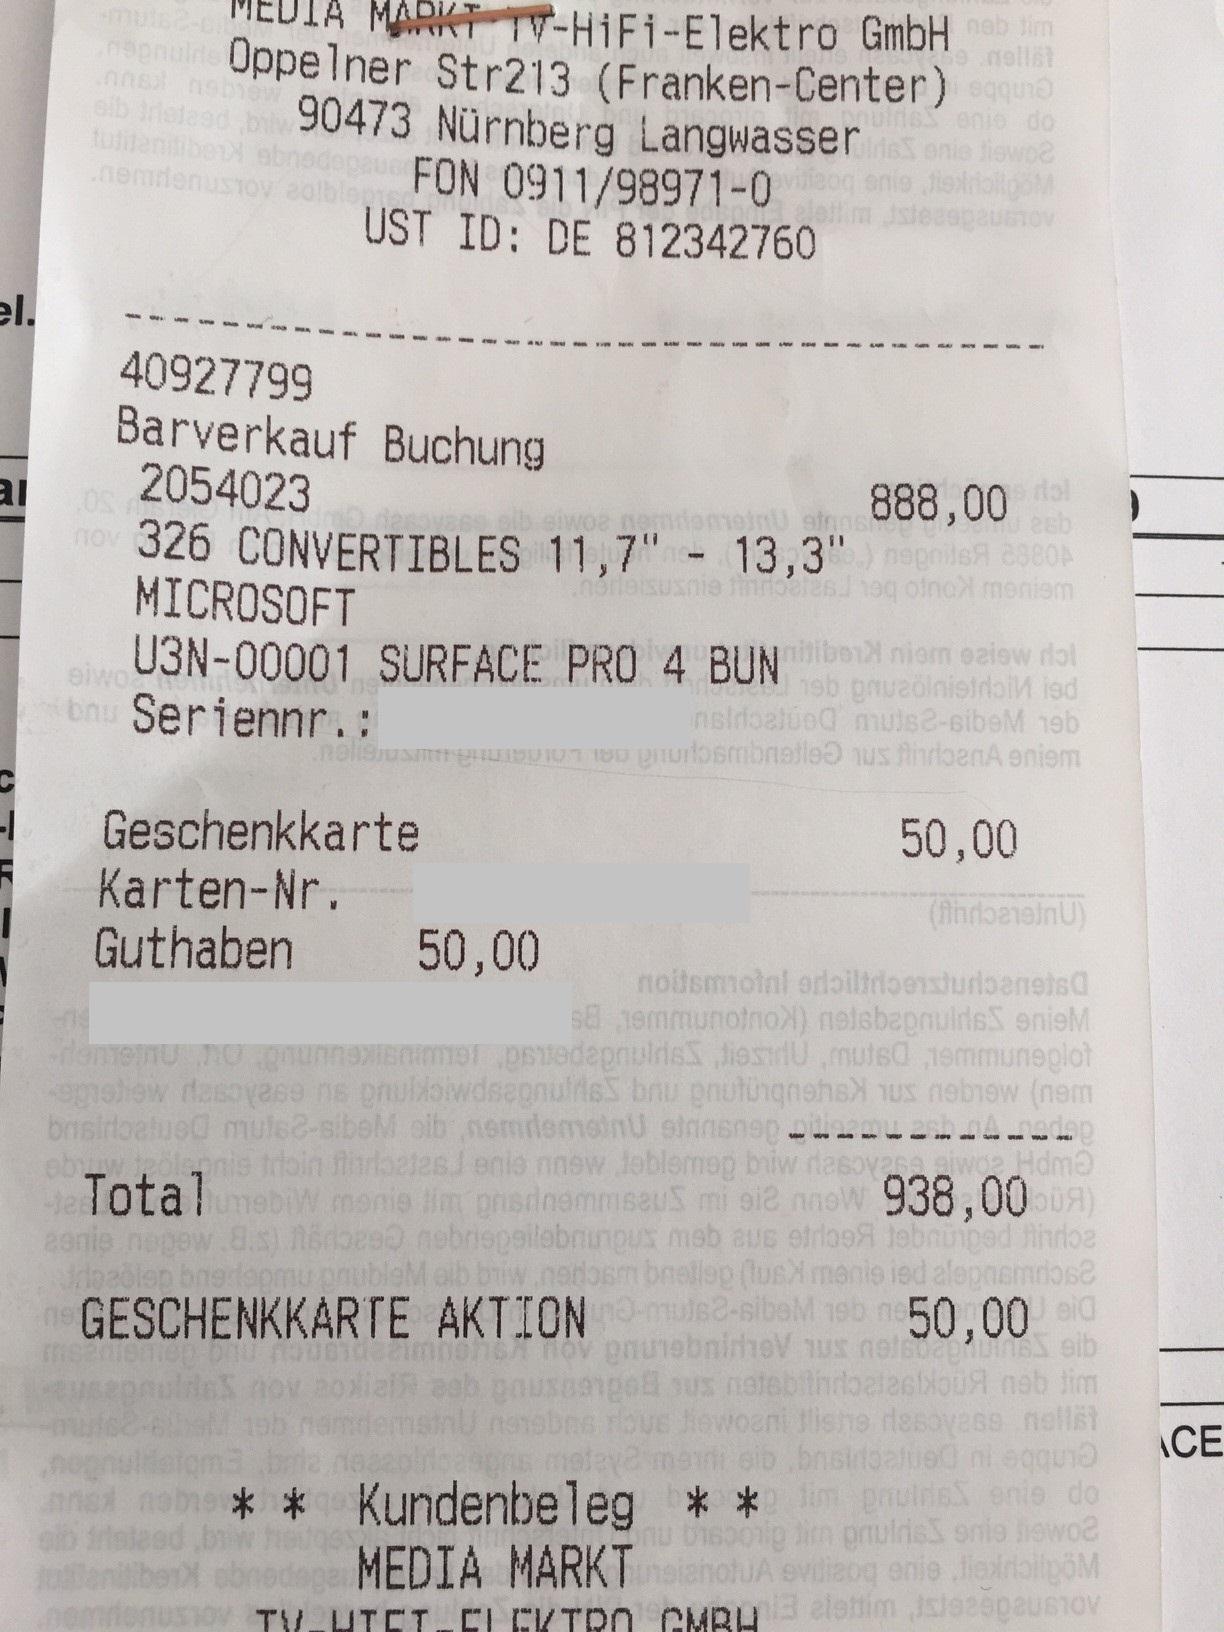 [Mediamarkt Nürnberg/Langwasser Lokal] Microsoft Surface 4 Pro Bundle mit Type Cover und 50 EUR Mediamarkt Gutschein